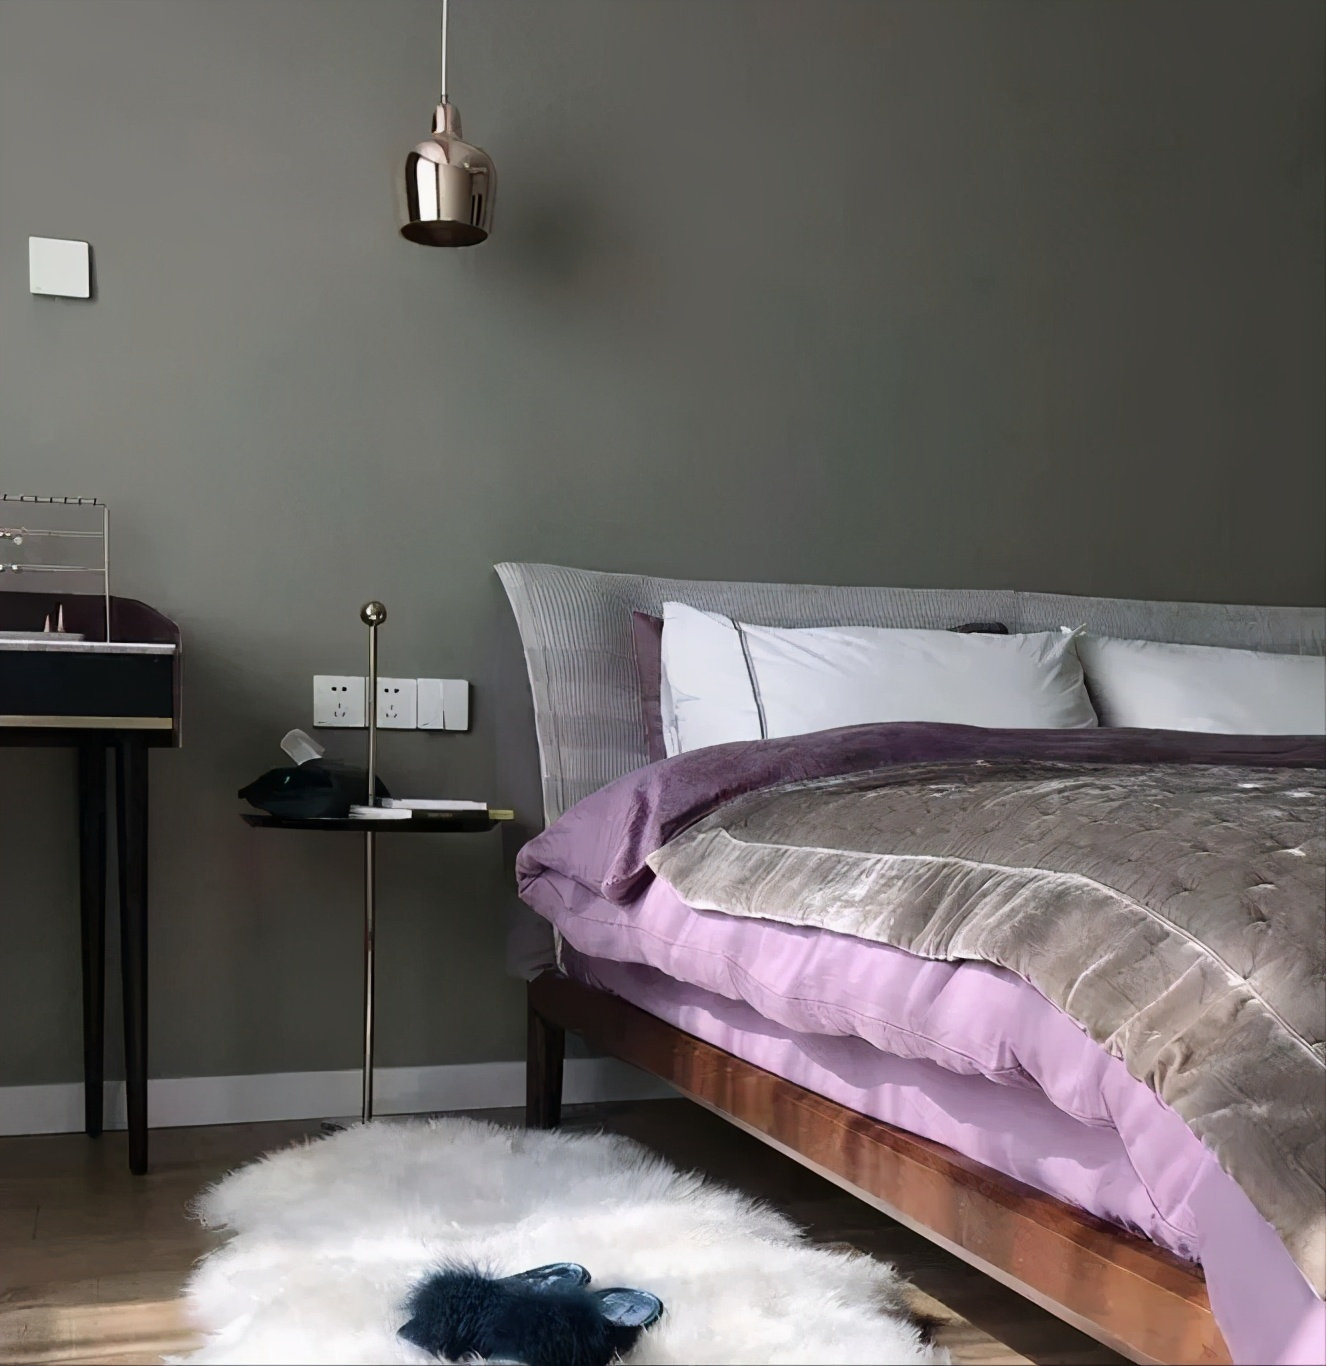 新房装修:设计师分享21件家居好物,生活再难也能轻松搞定困扰